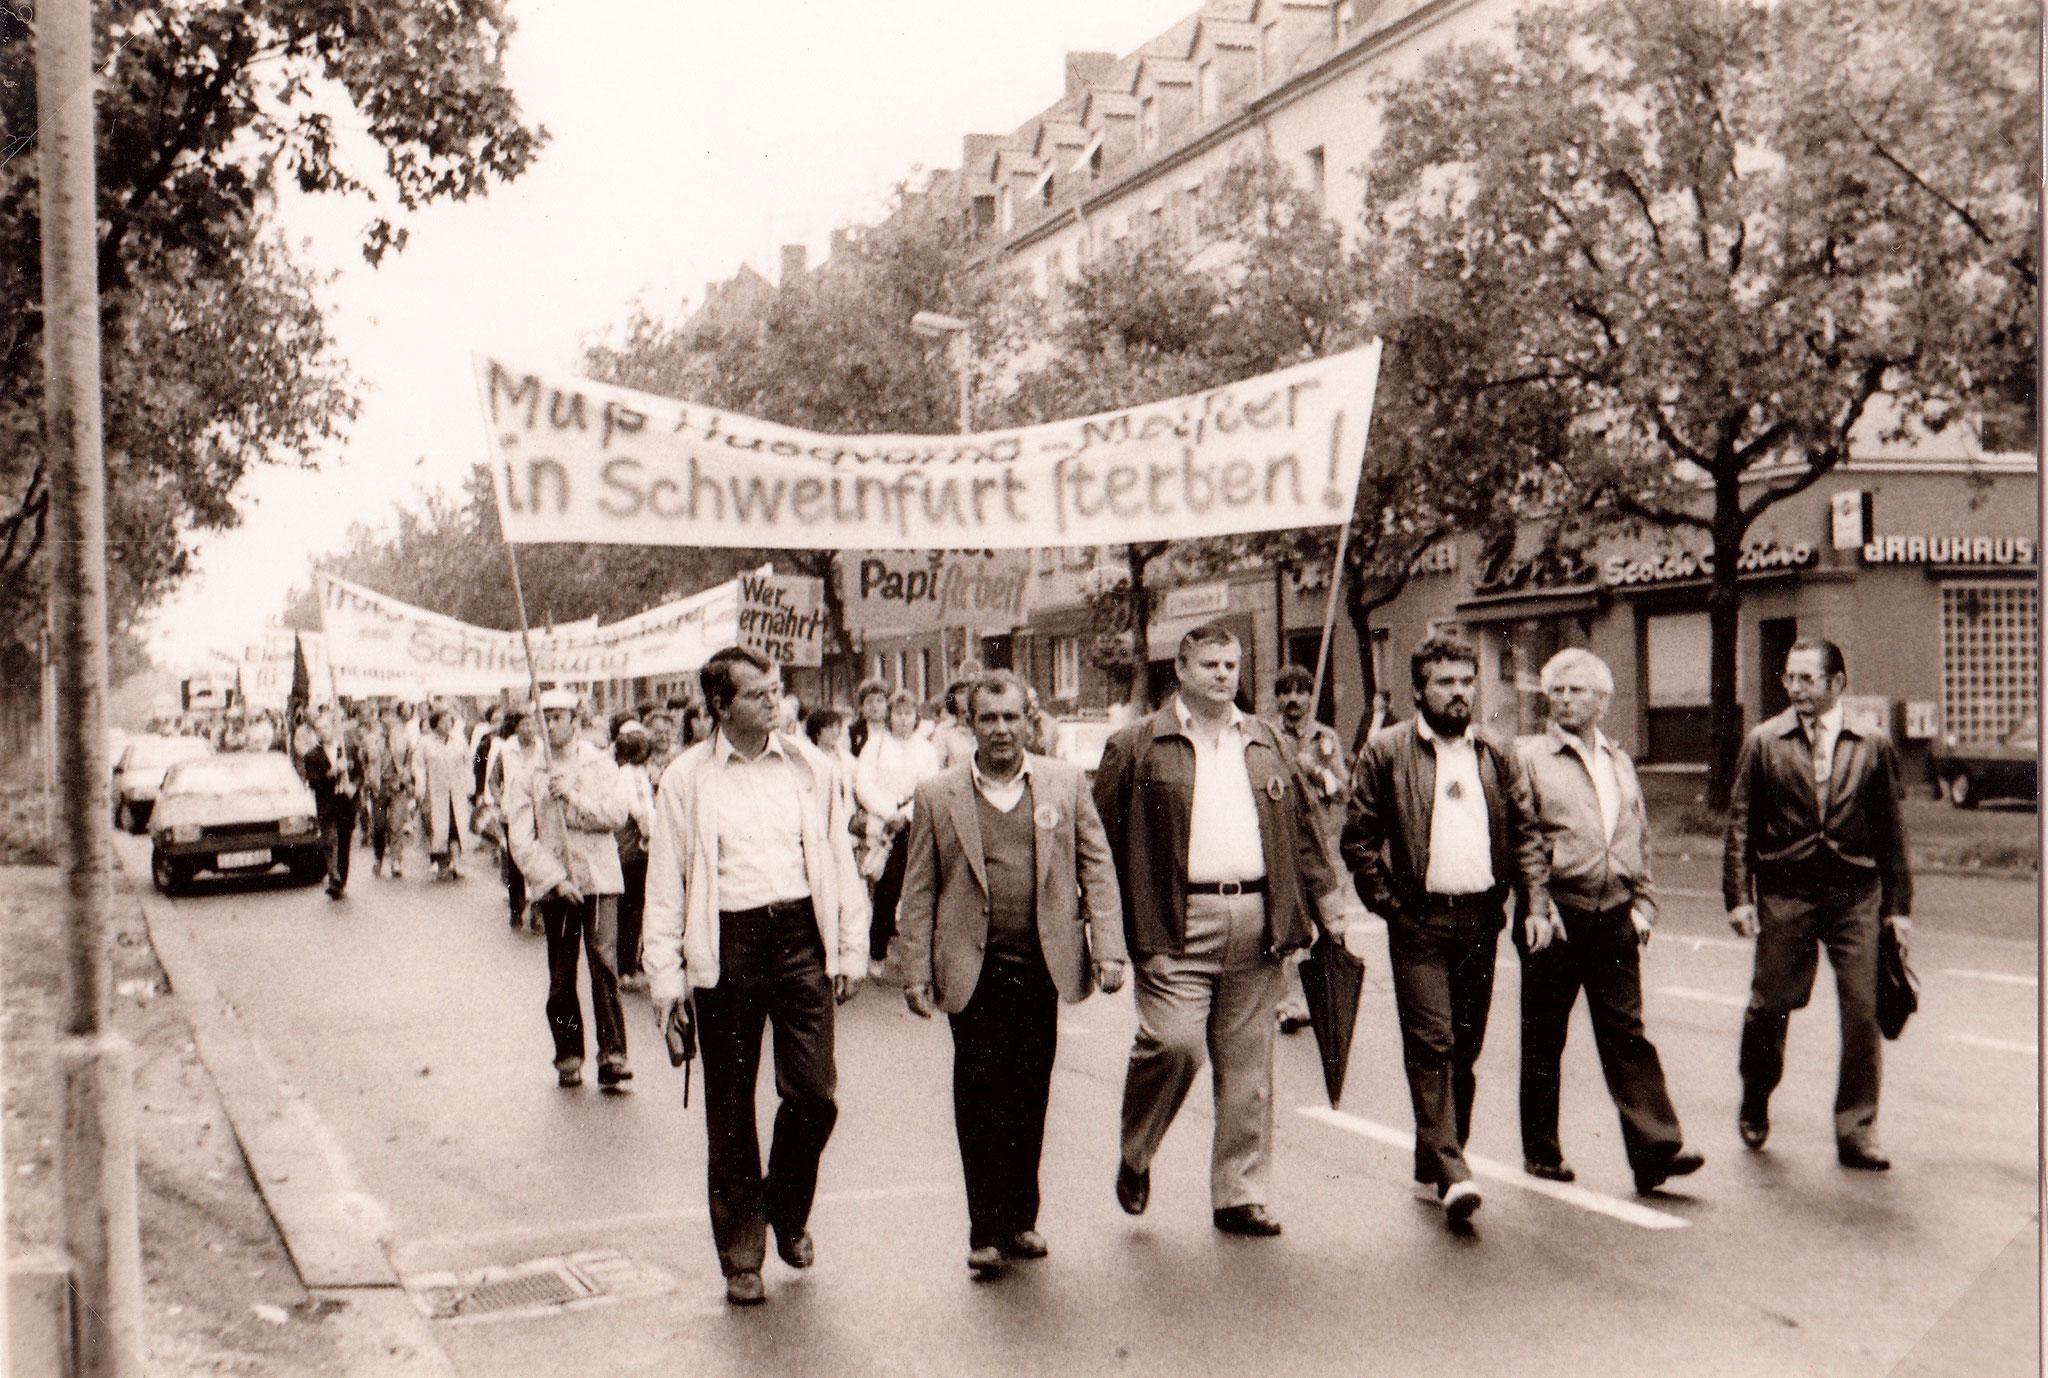 von links nach rechts: Peter Then, Betriebsrat SKF; Ludwig Neumaier, Betriebsrat SKF; Helmut Repper, Betriebsrat F&S; Heinz Michel, Betriebsrat Meister; Franz Egener Betriebsratsvorsitzender Meister